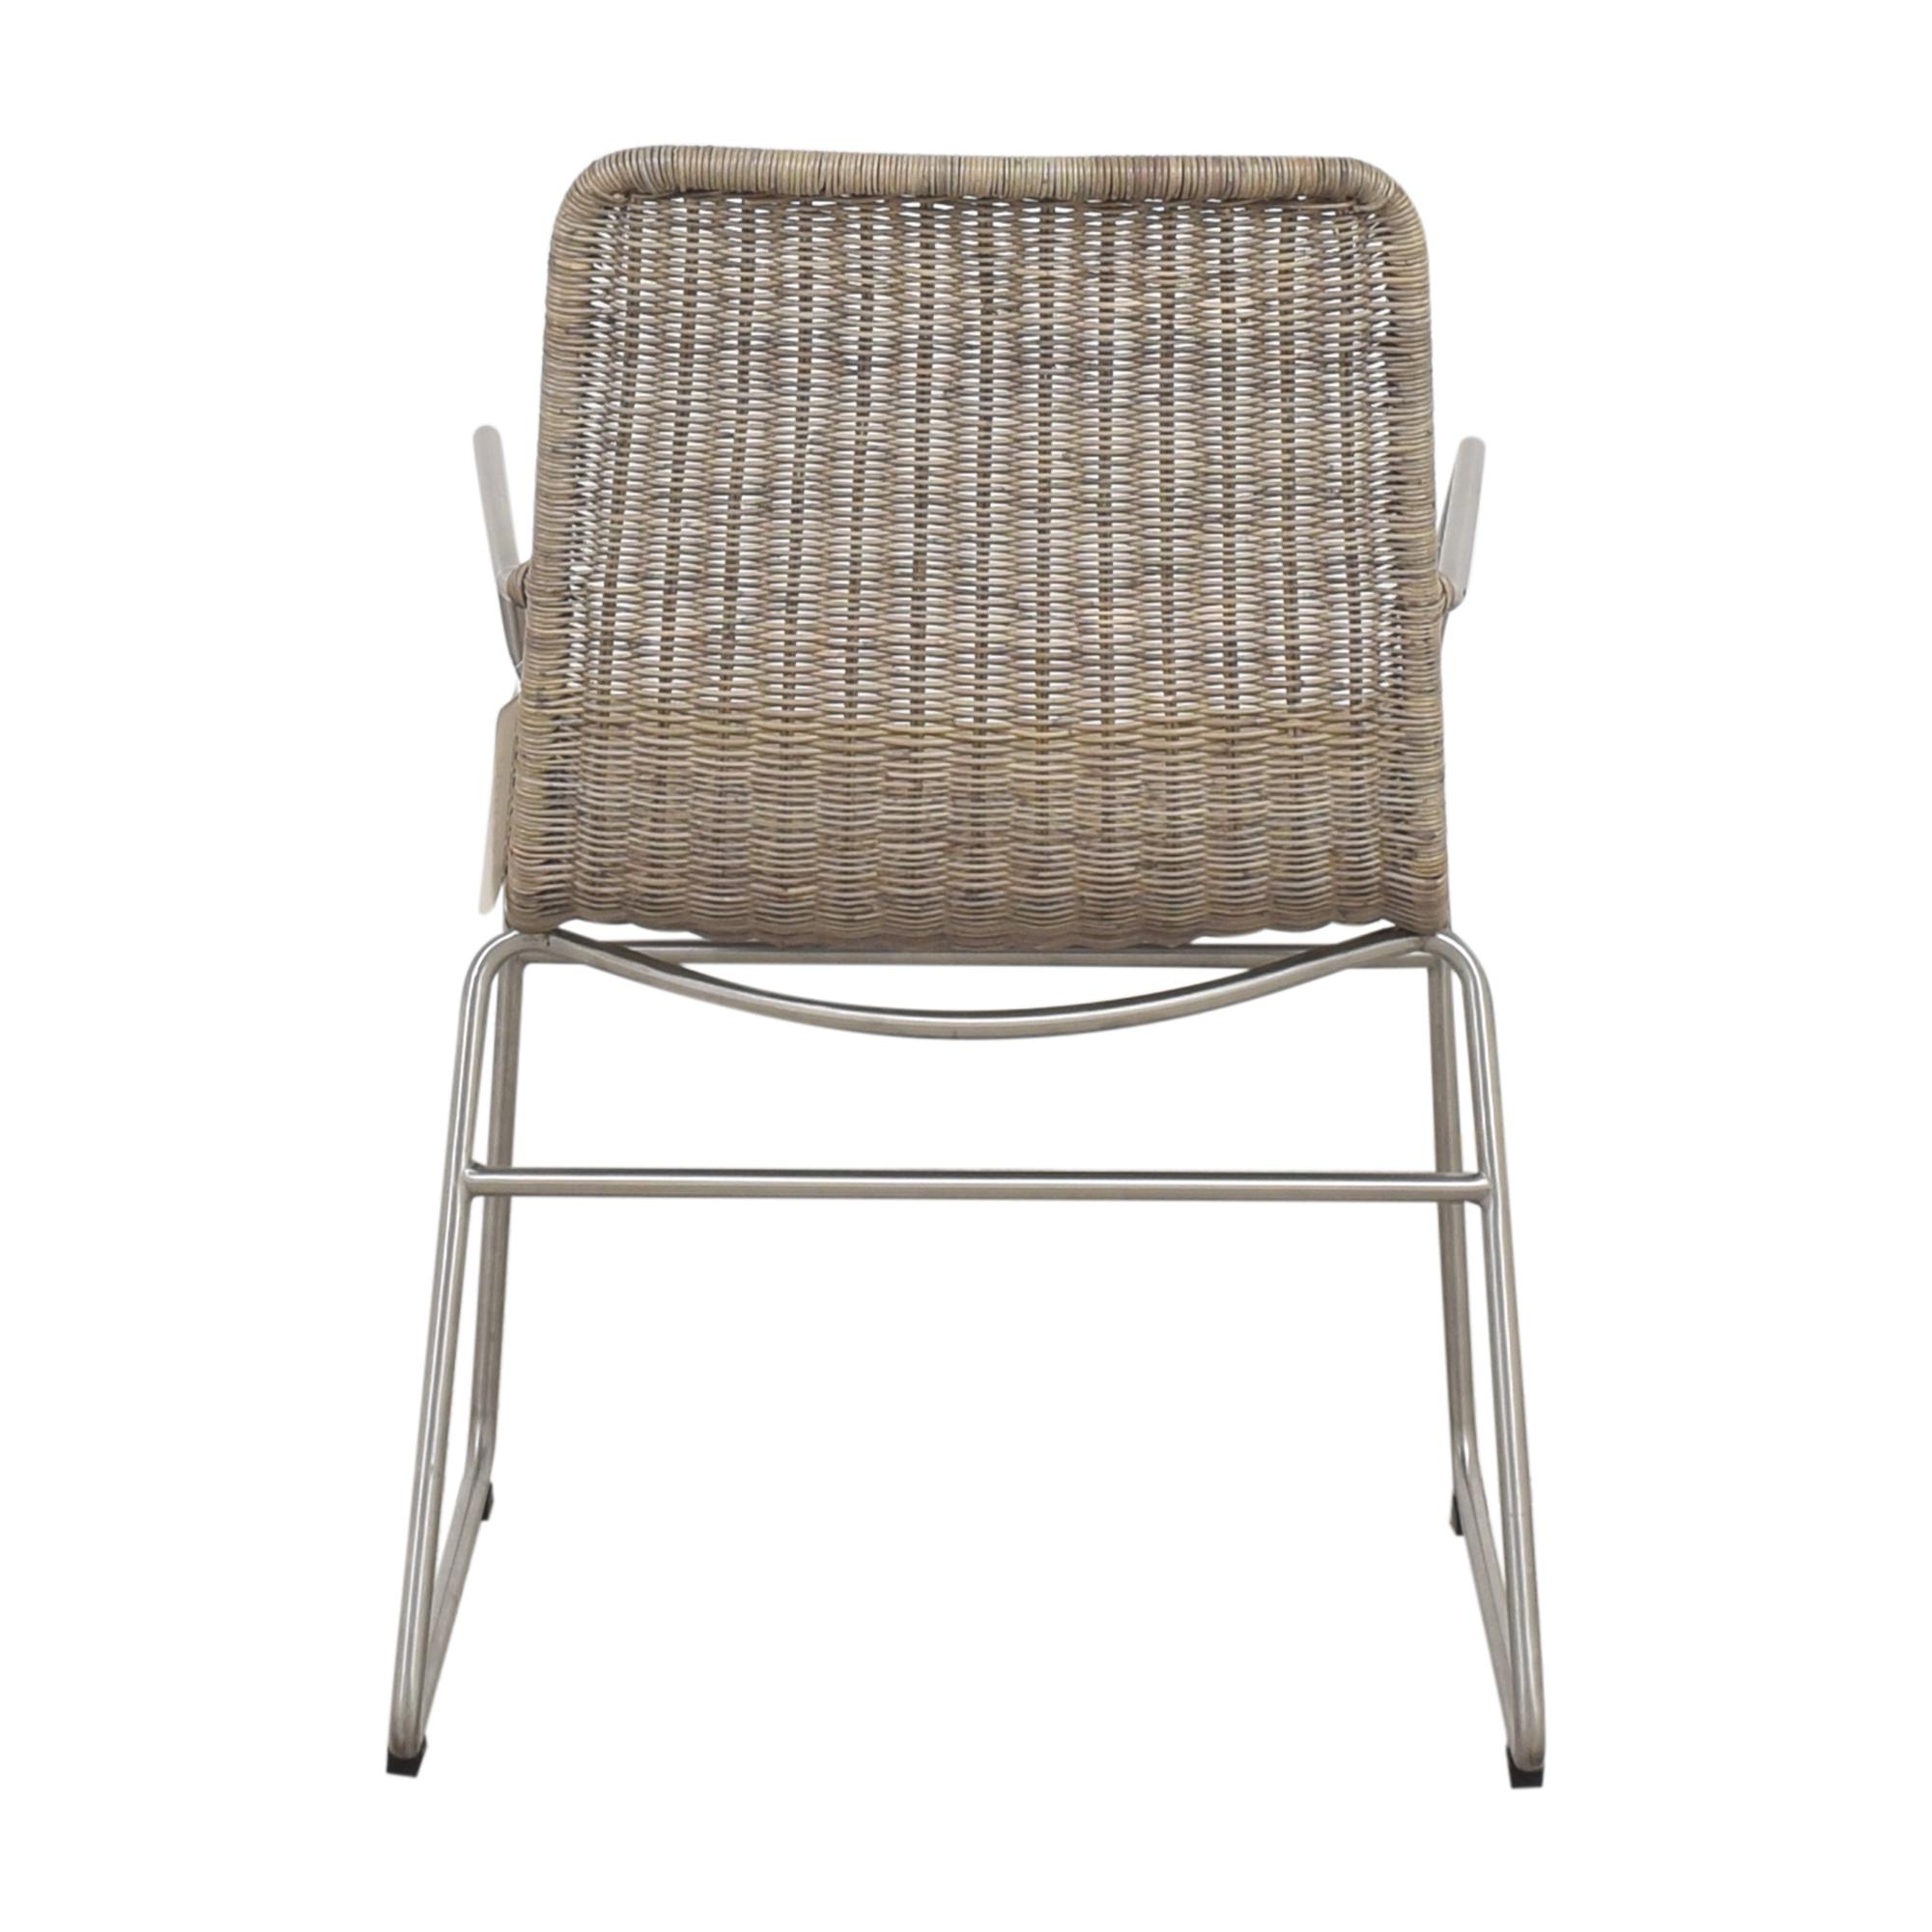 Palecek Palecek Oslo Arm Chair pa